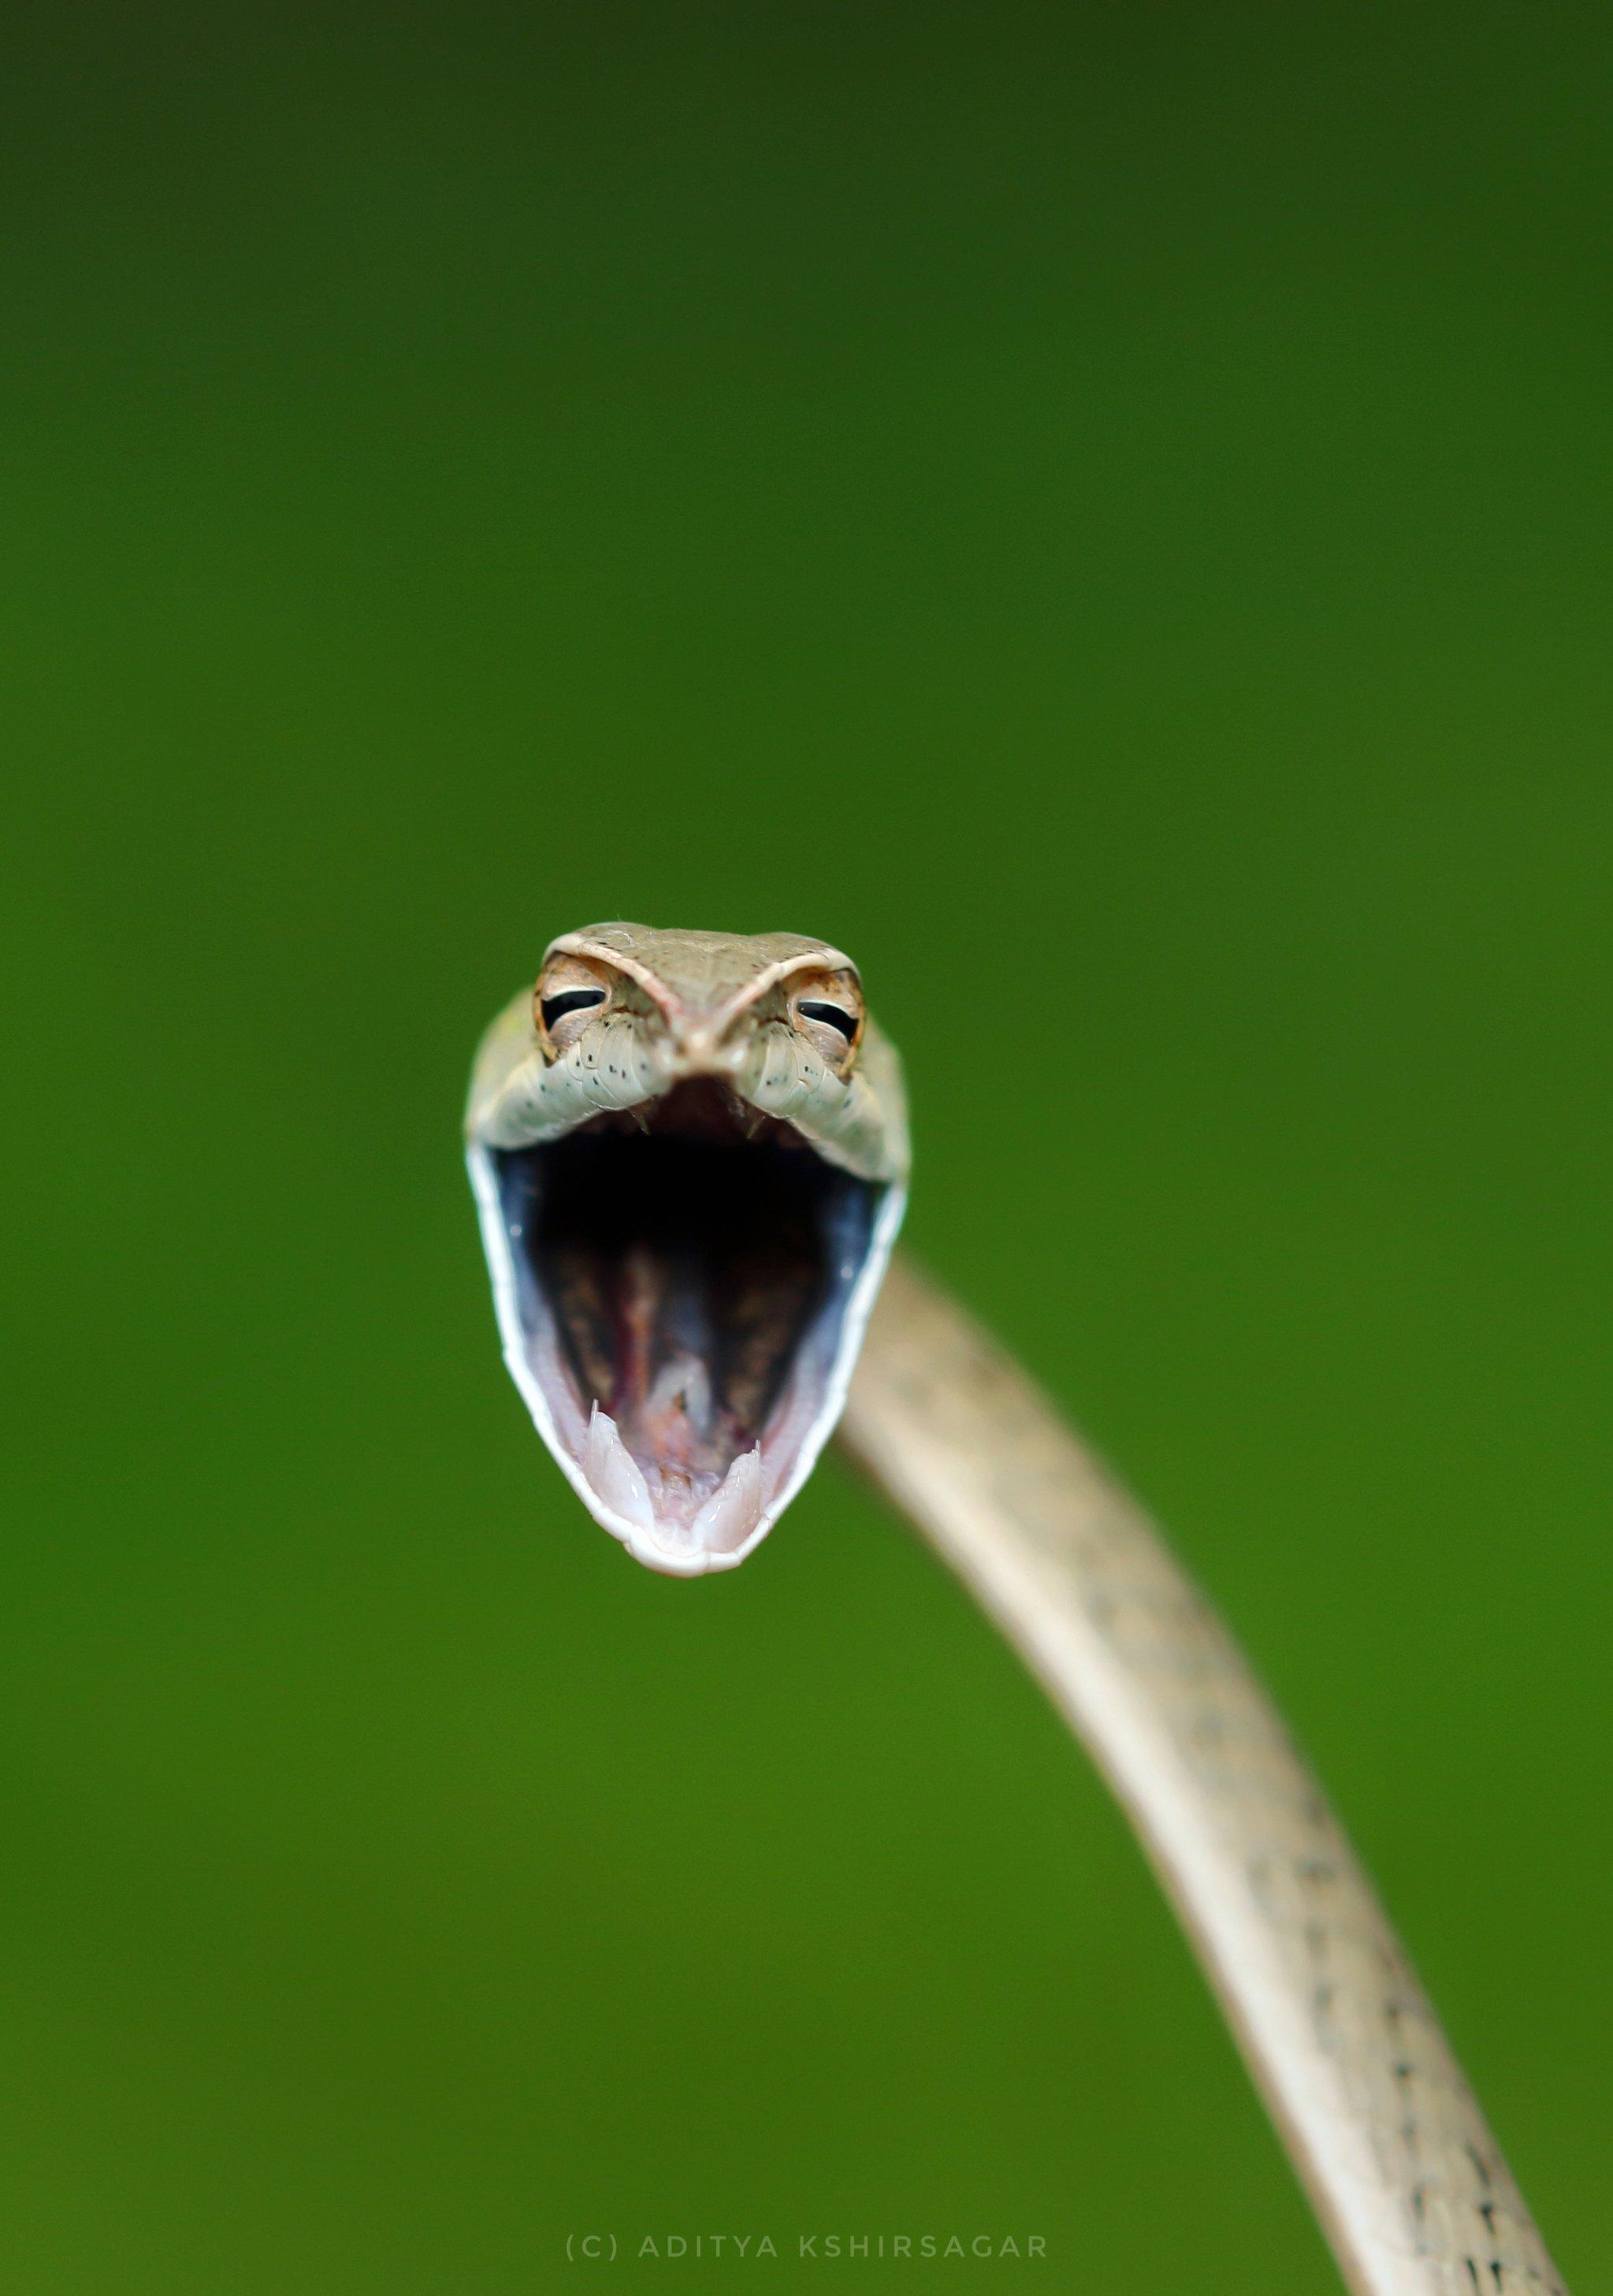 인도에서 포착된 웃는 넝쿨뱀. 다가가면 입을 크게 벌려 공격성을 보인다고 한다. [©Aditya Kshirsagar/Comedywildlifephoto.com]